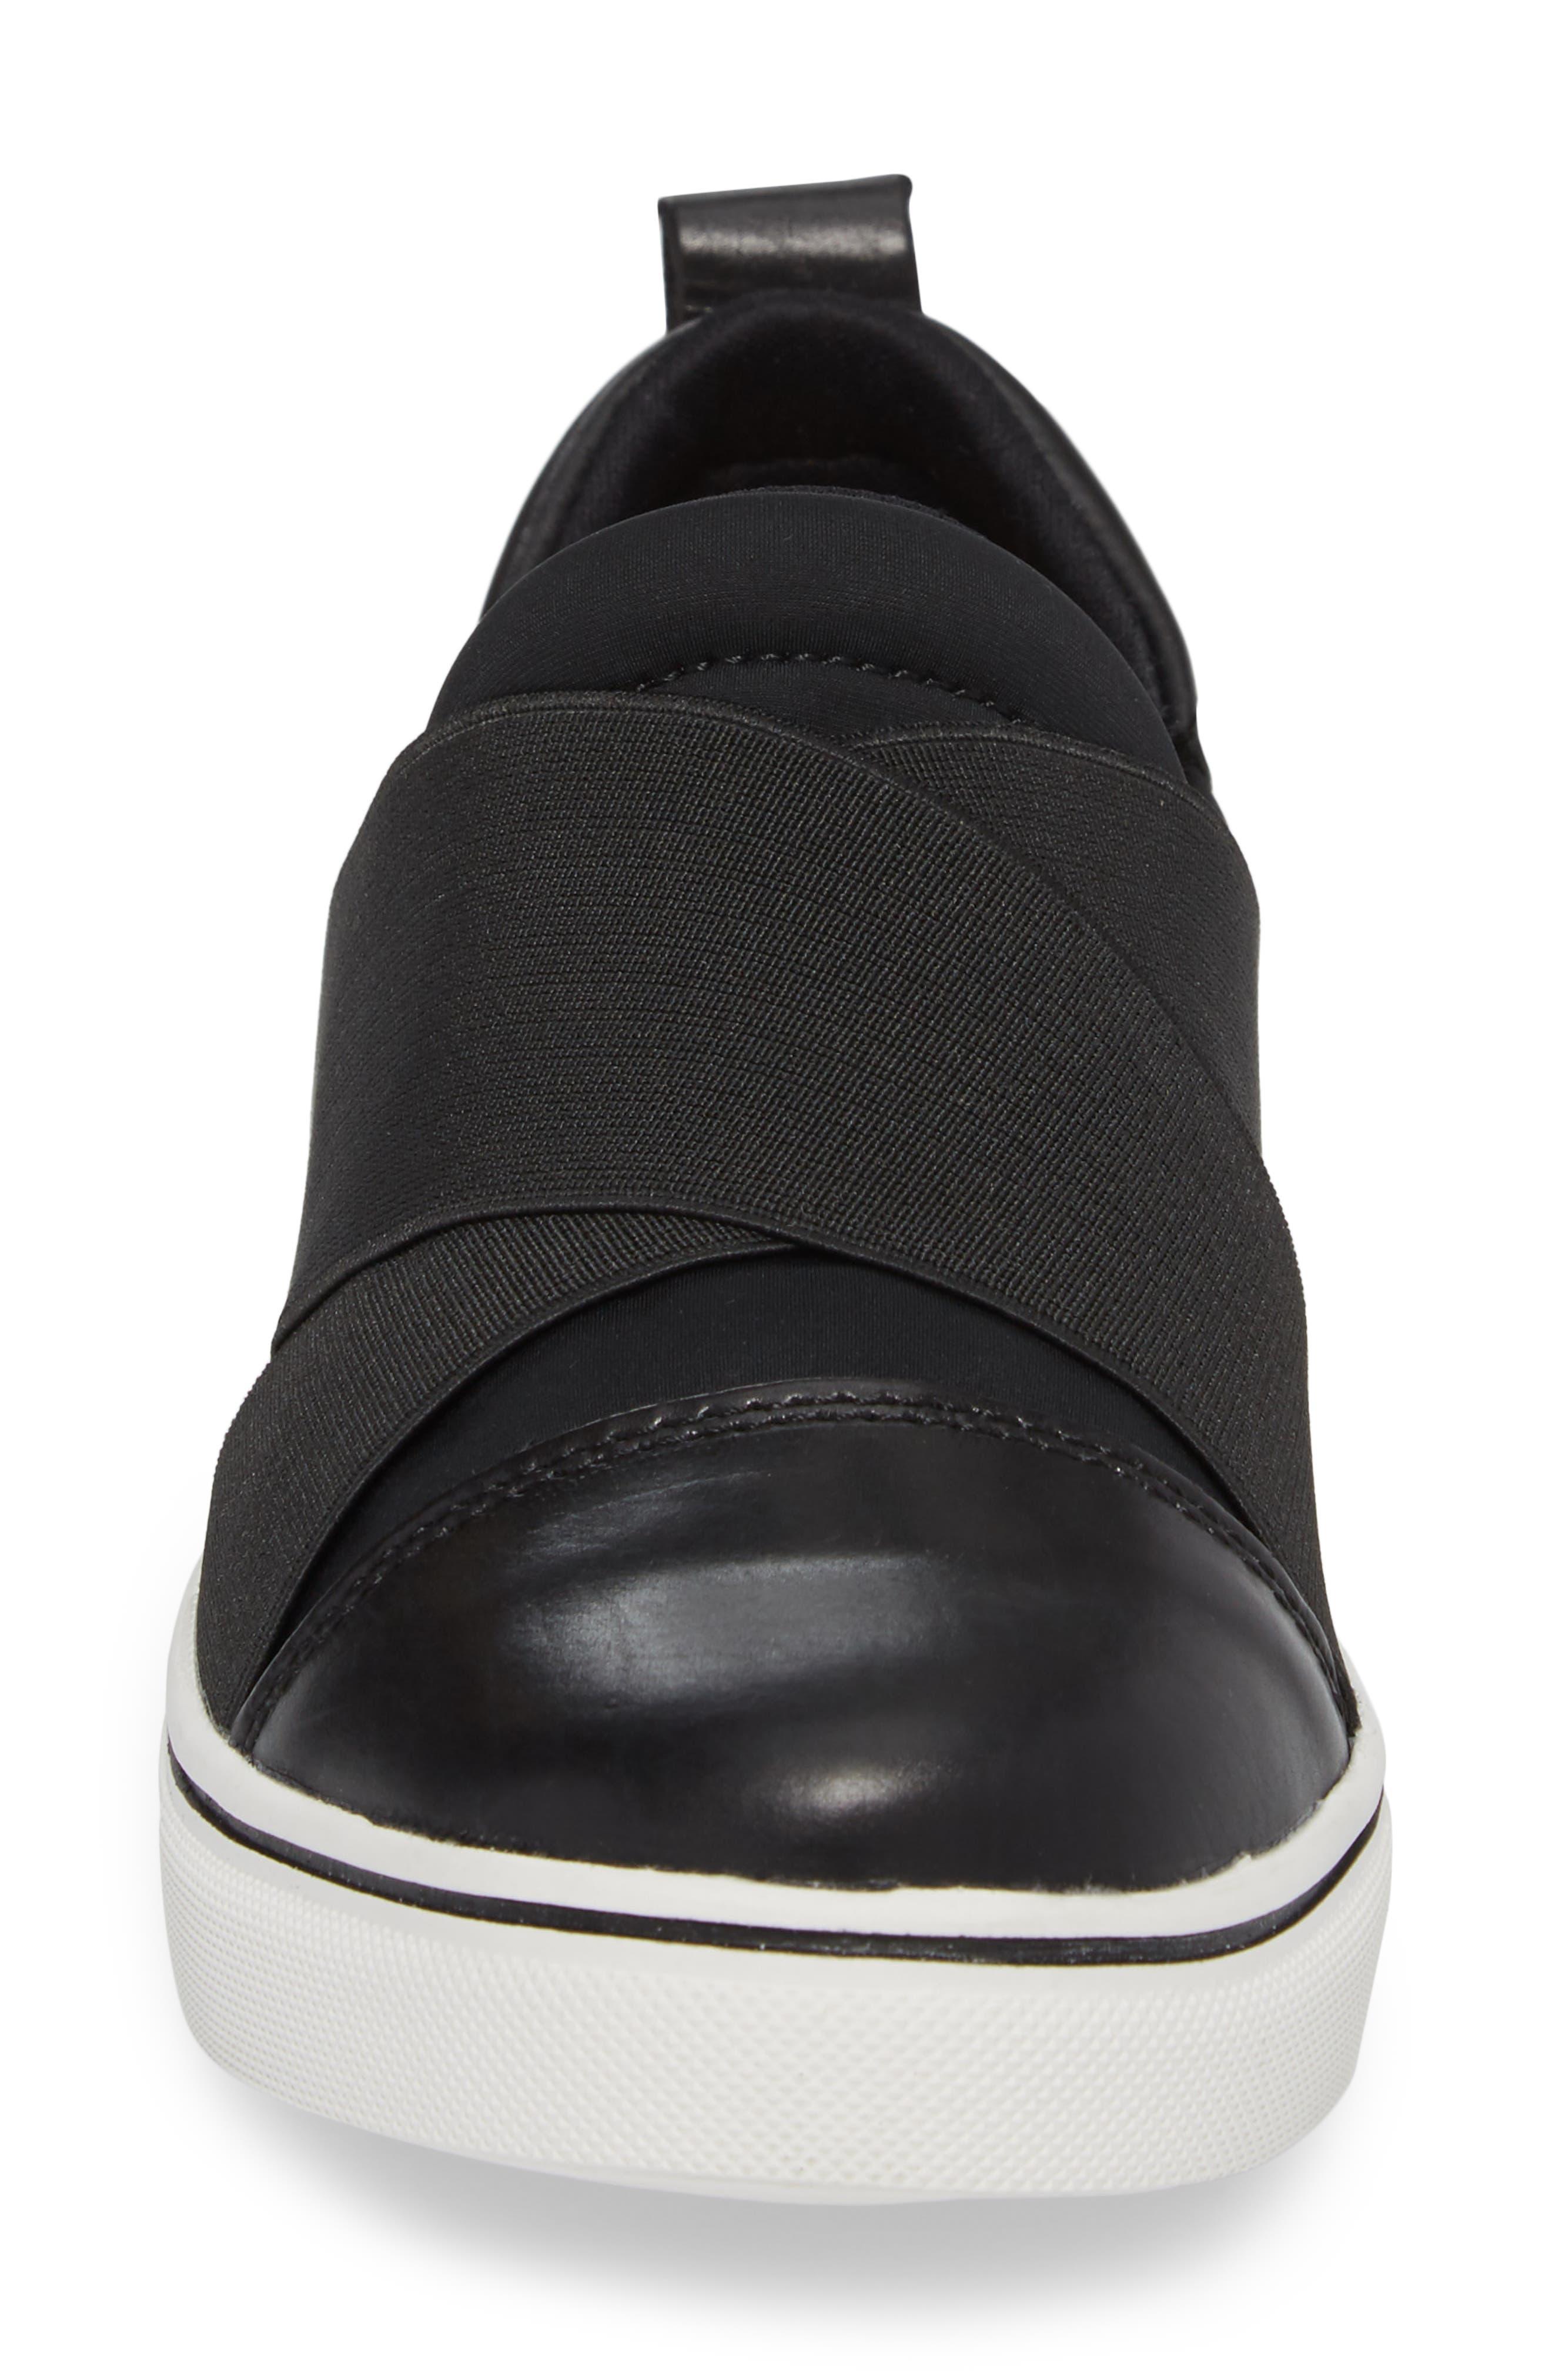 Elmwood Slip-On Sneaker,                             Alternate thumbnail 4, color,                             BLACK LEATHER